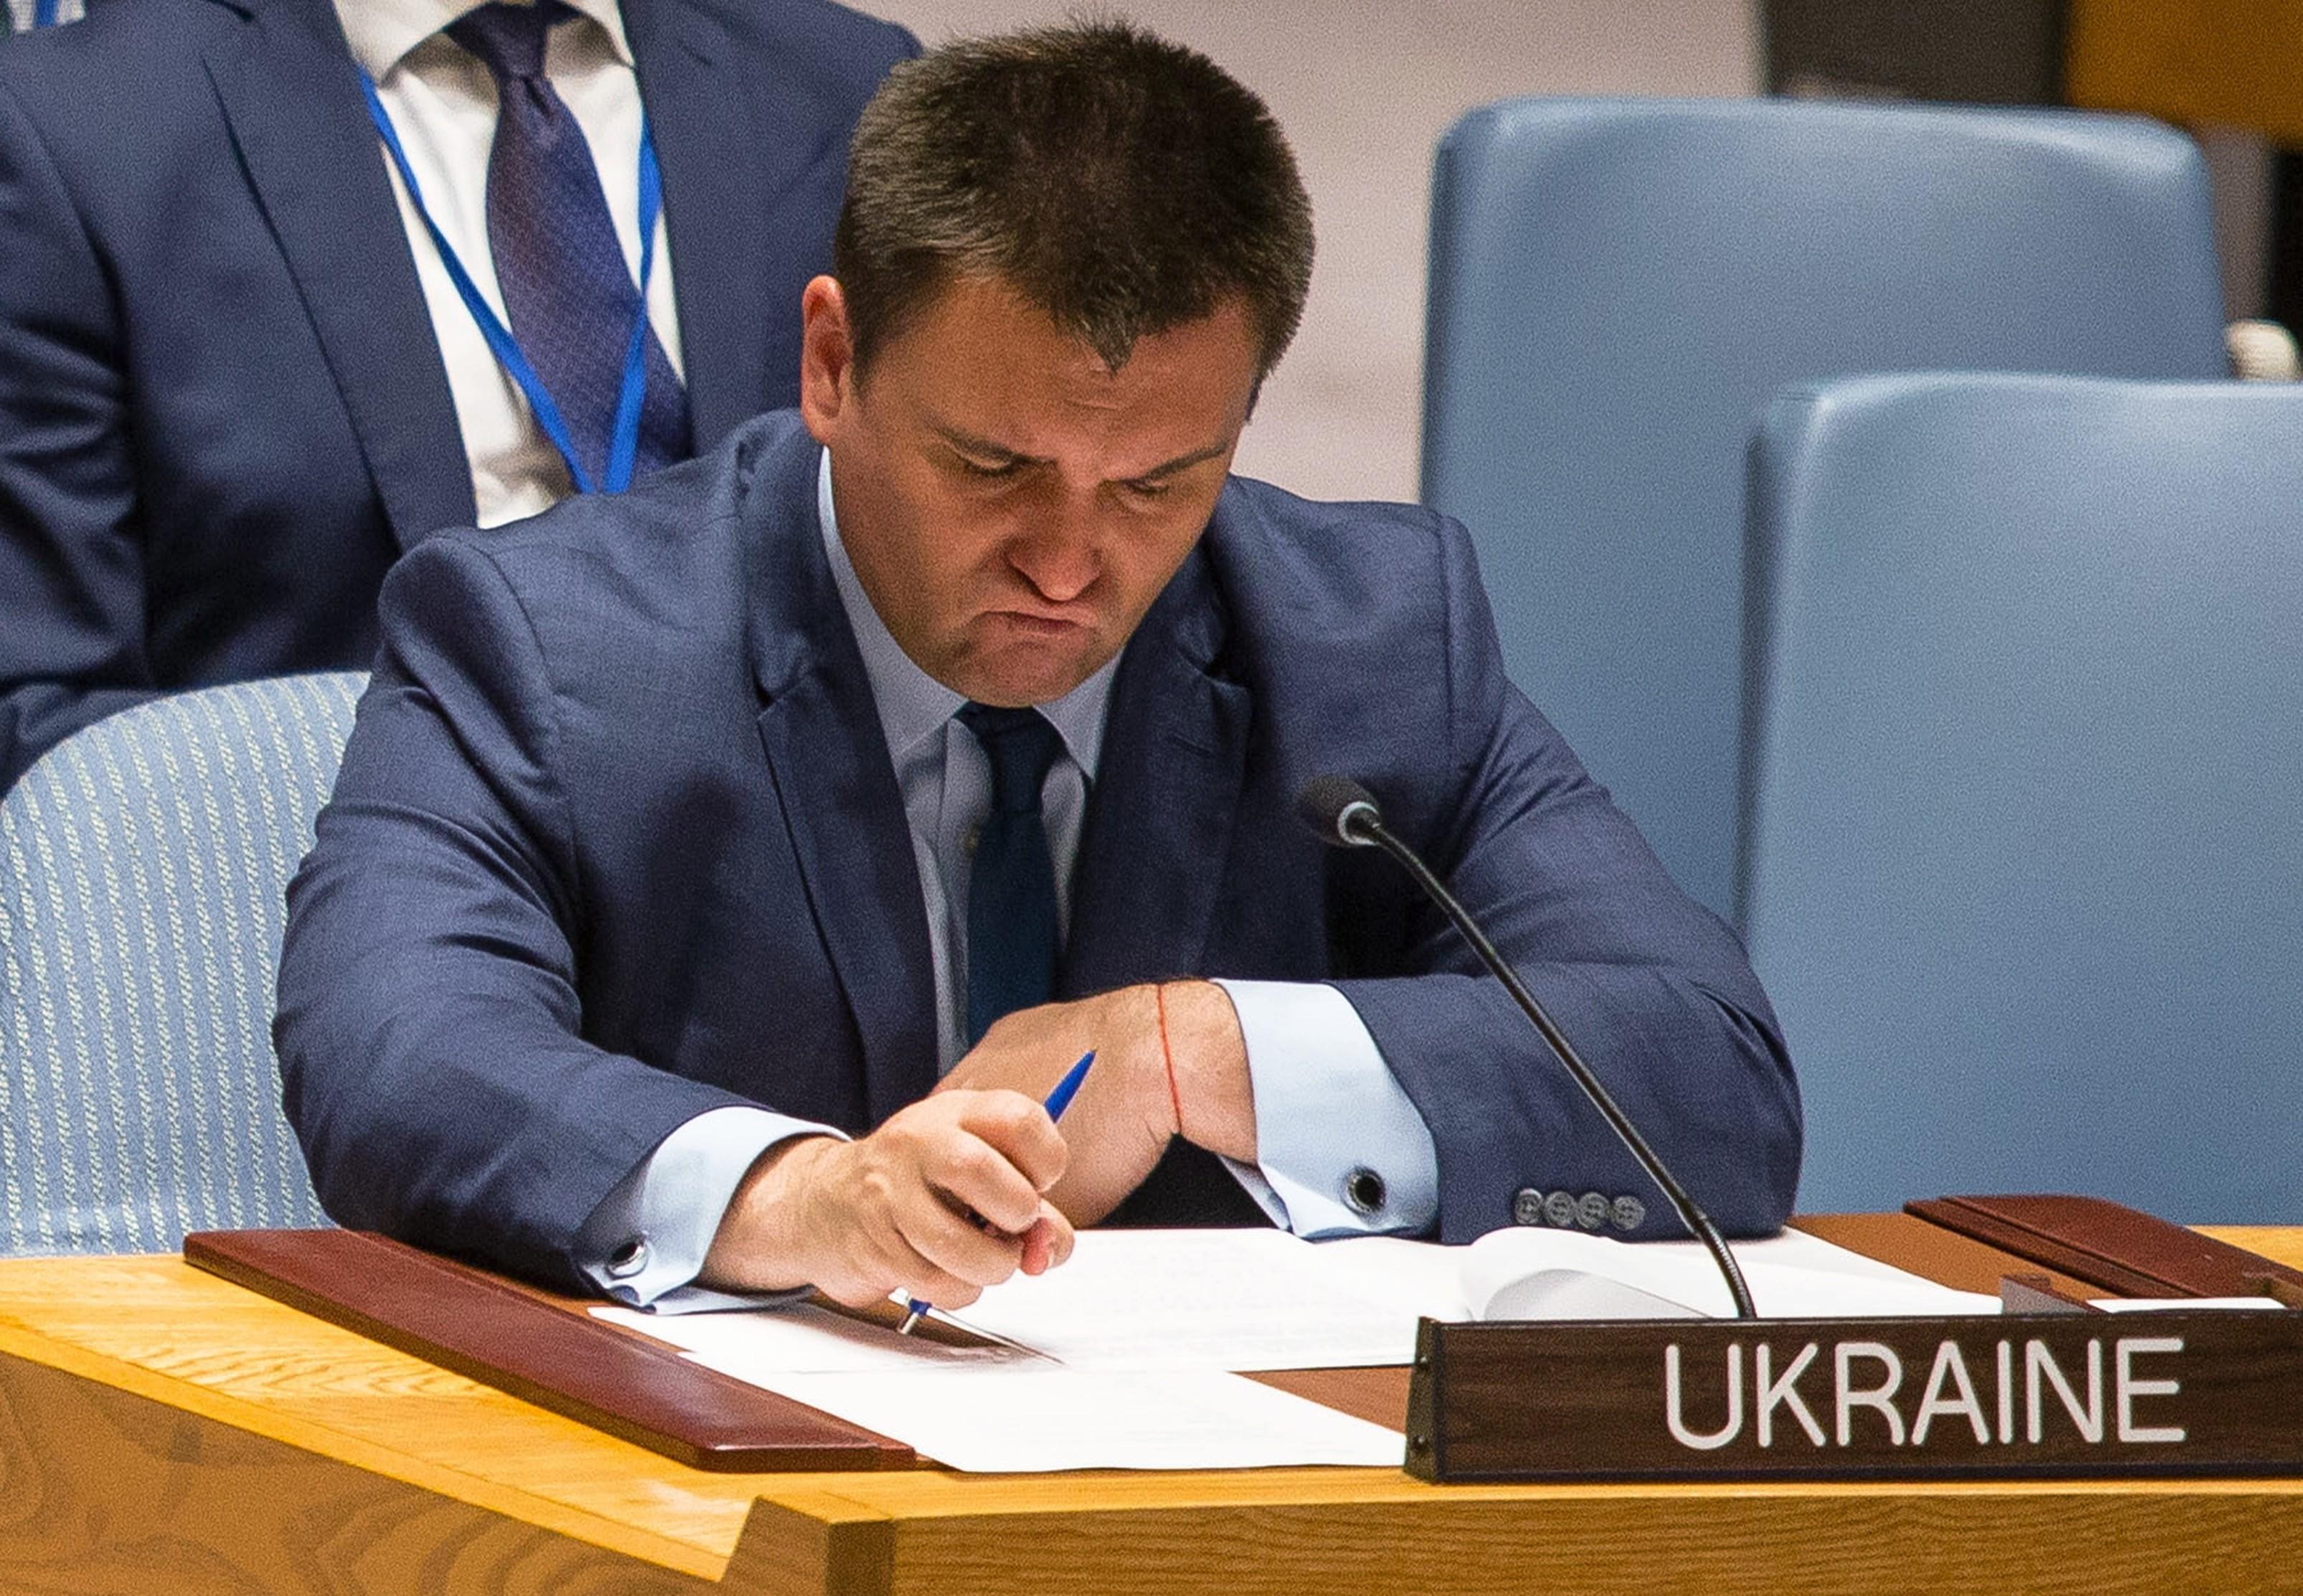 <p>Павел Климкин. Фото: &copy;РИА Новости/Нэнси Сисель</p>